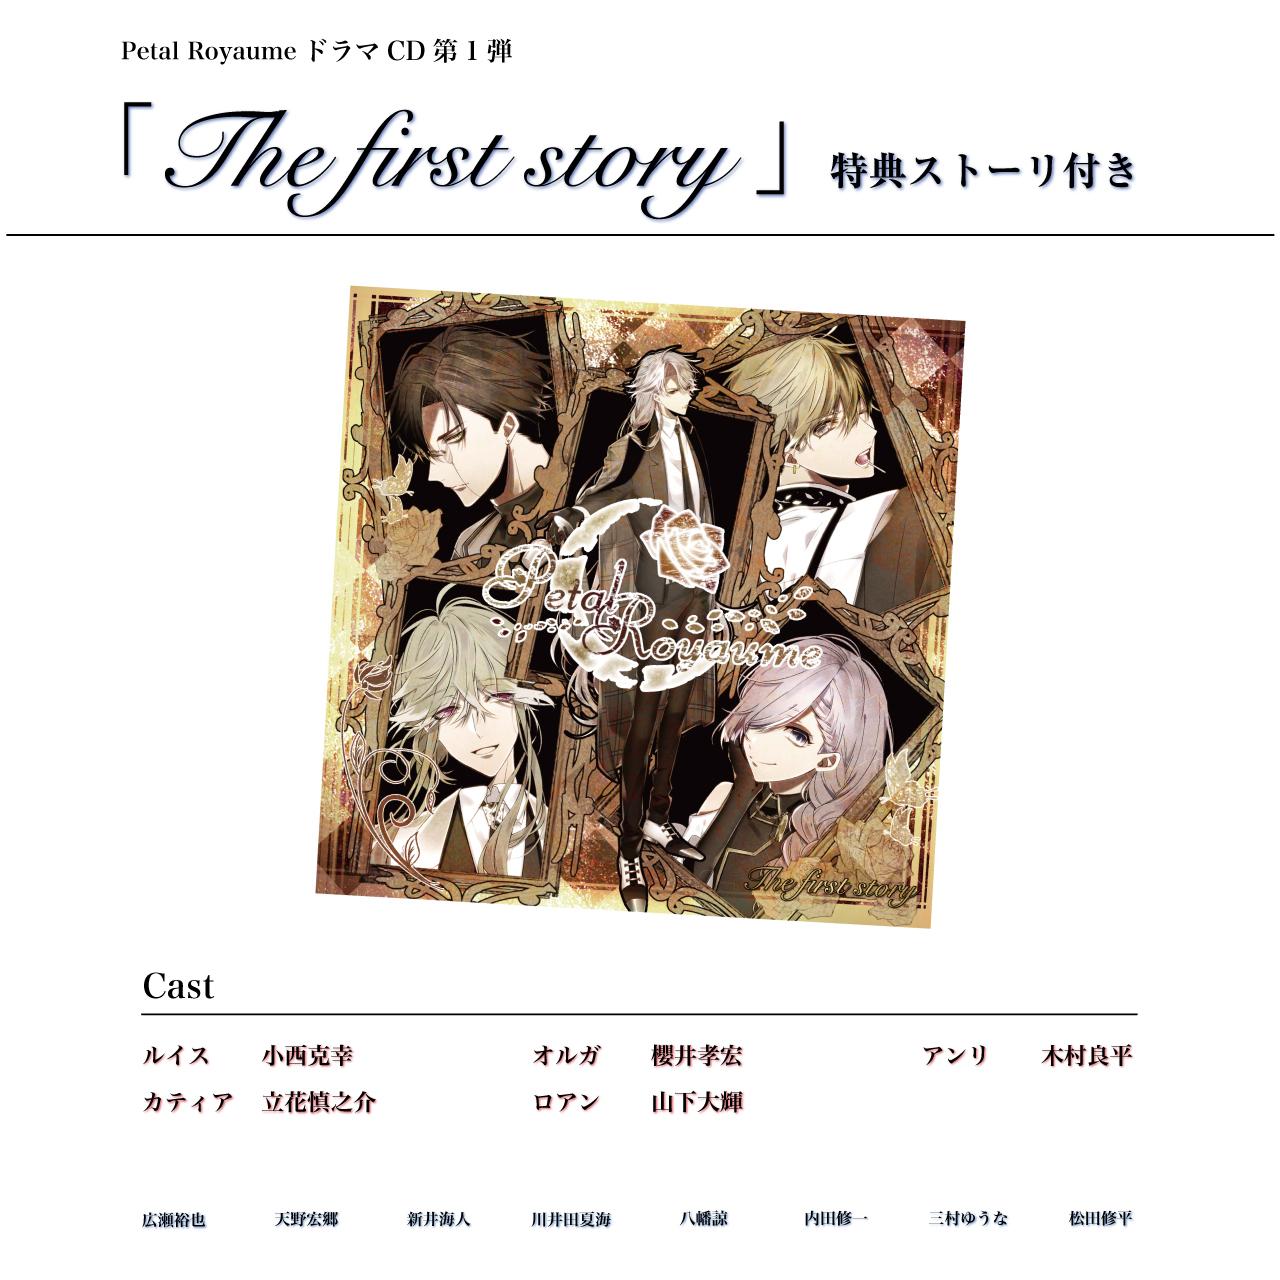 【6月25日発売予約商品同梱】【CD】Petal Royaume ドラマCD「The first story」